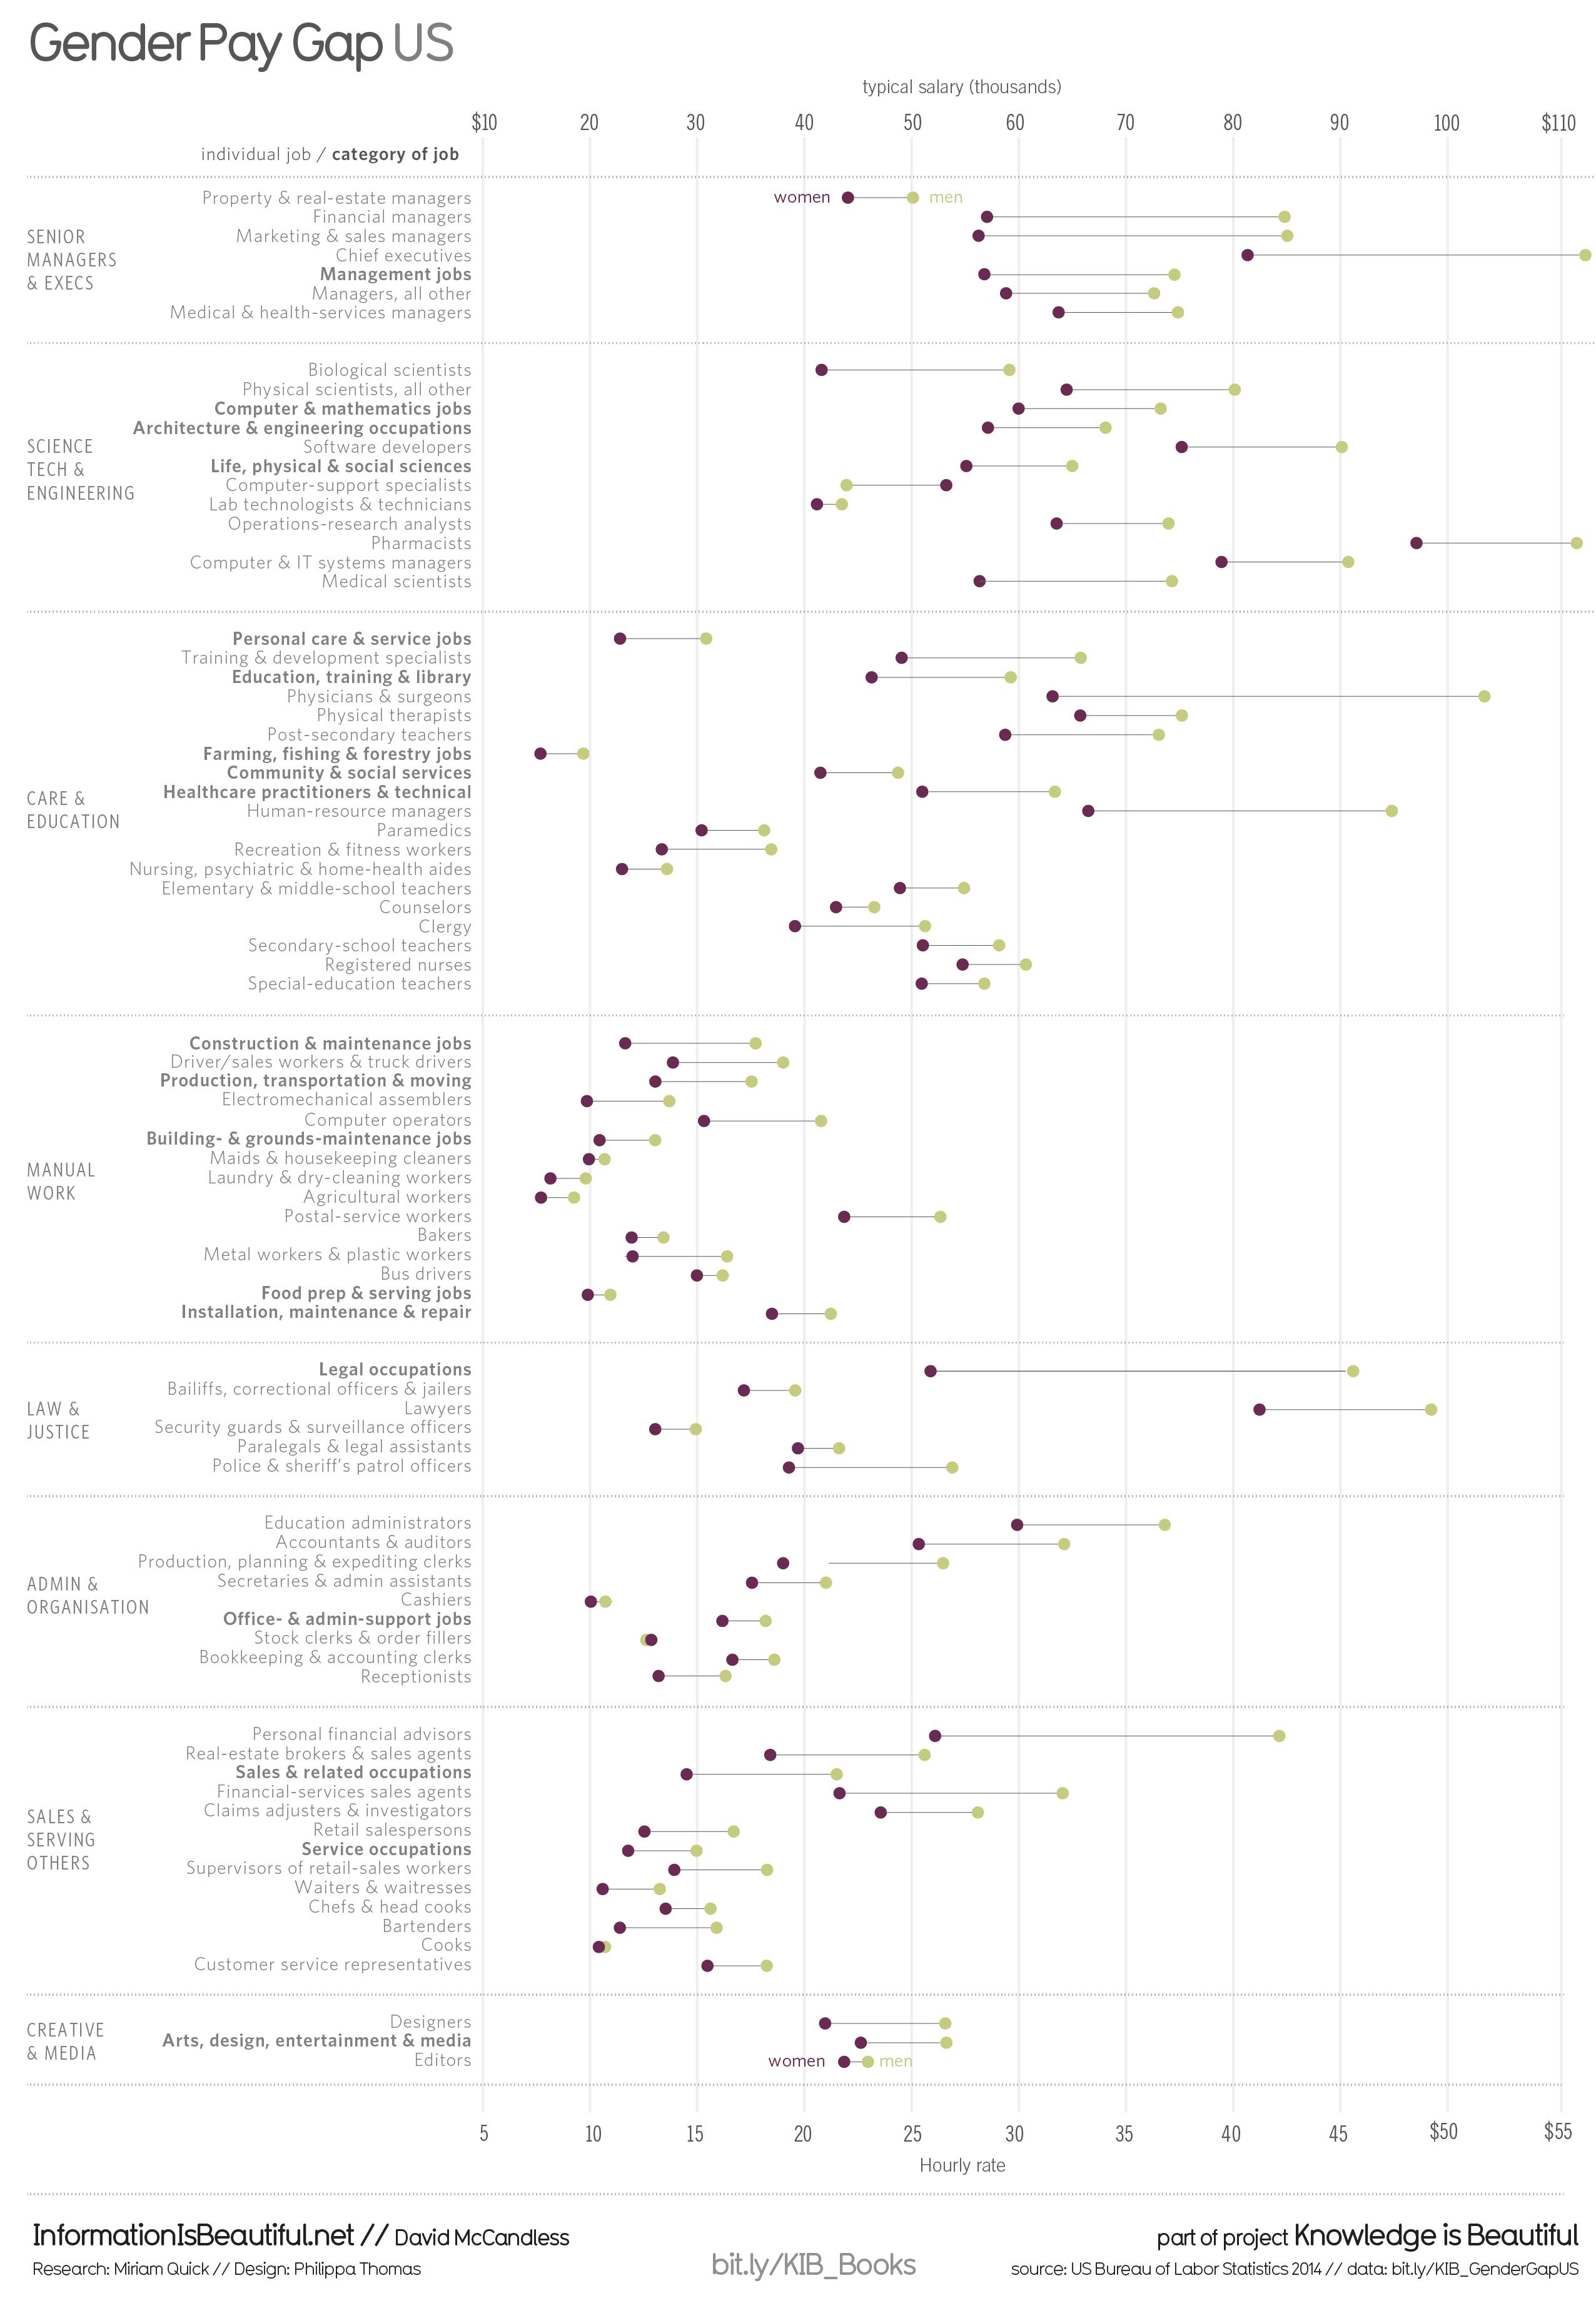 Gender Pay Gap Information Visualization Gender Pay Gap Data Design